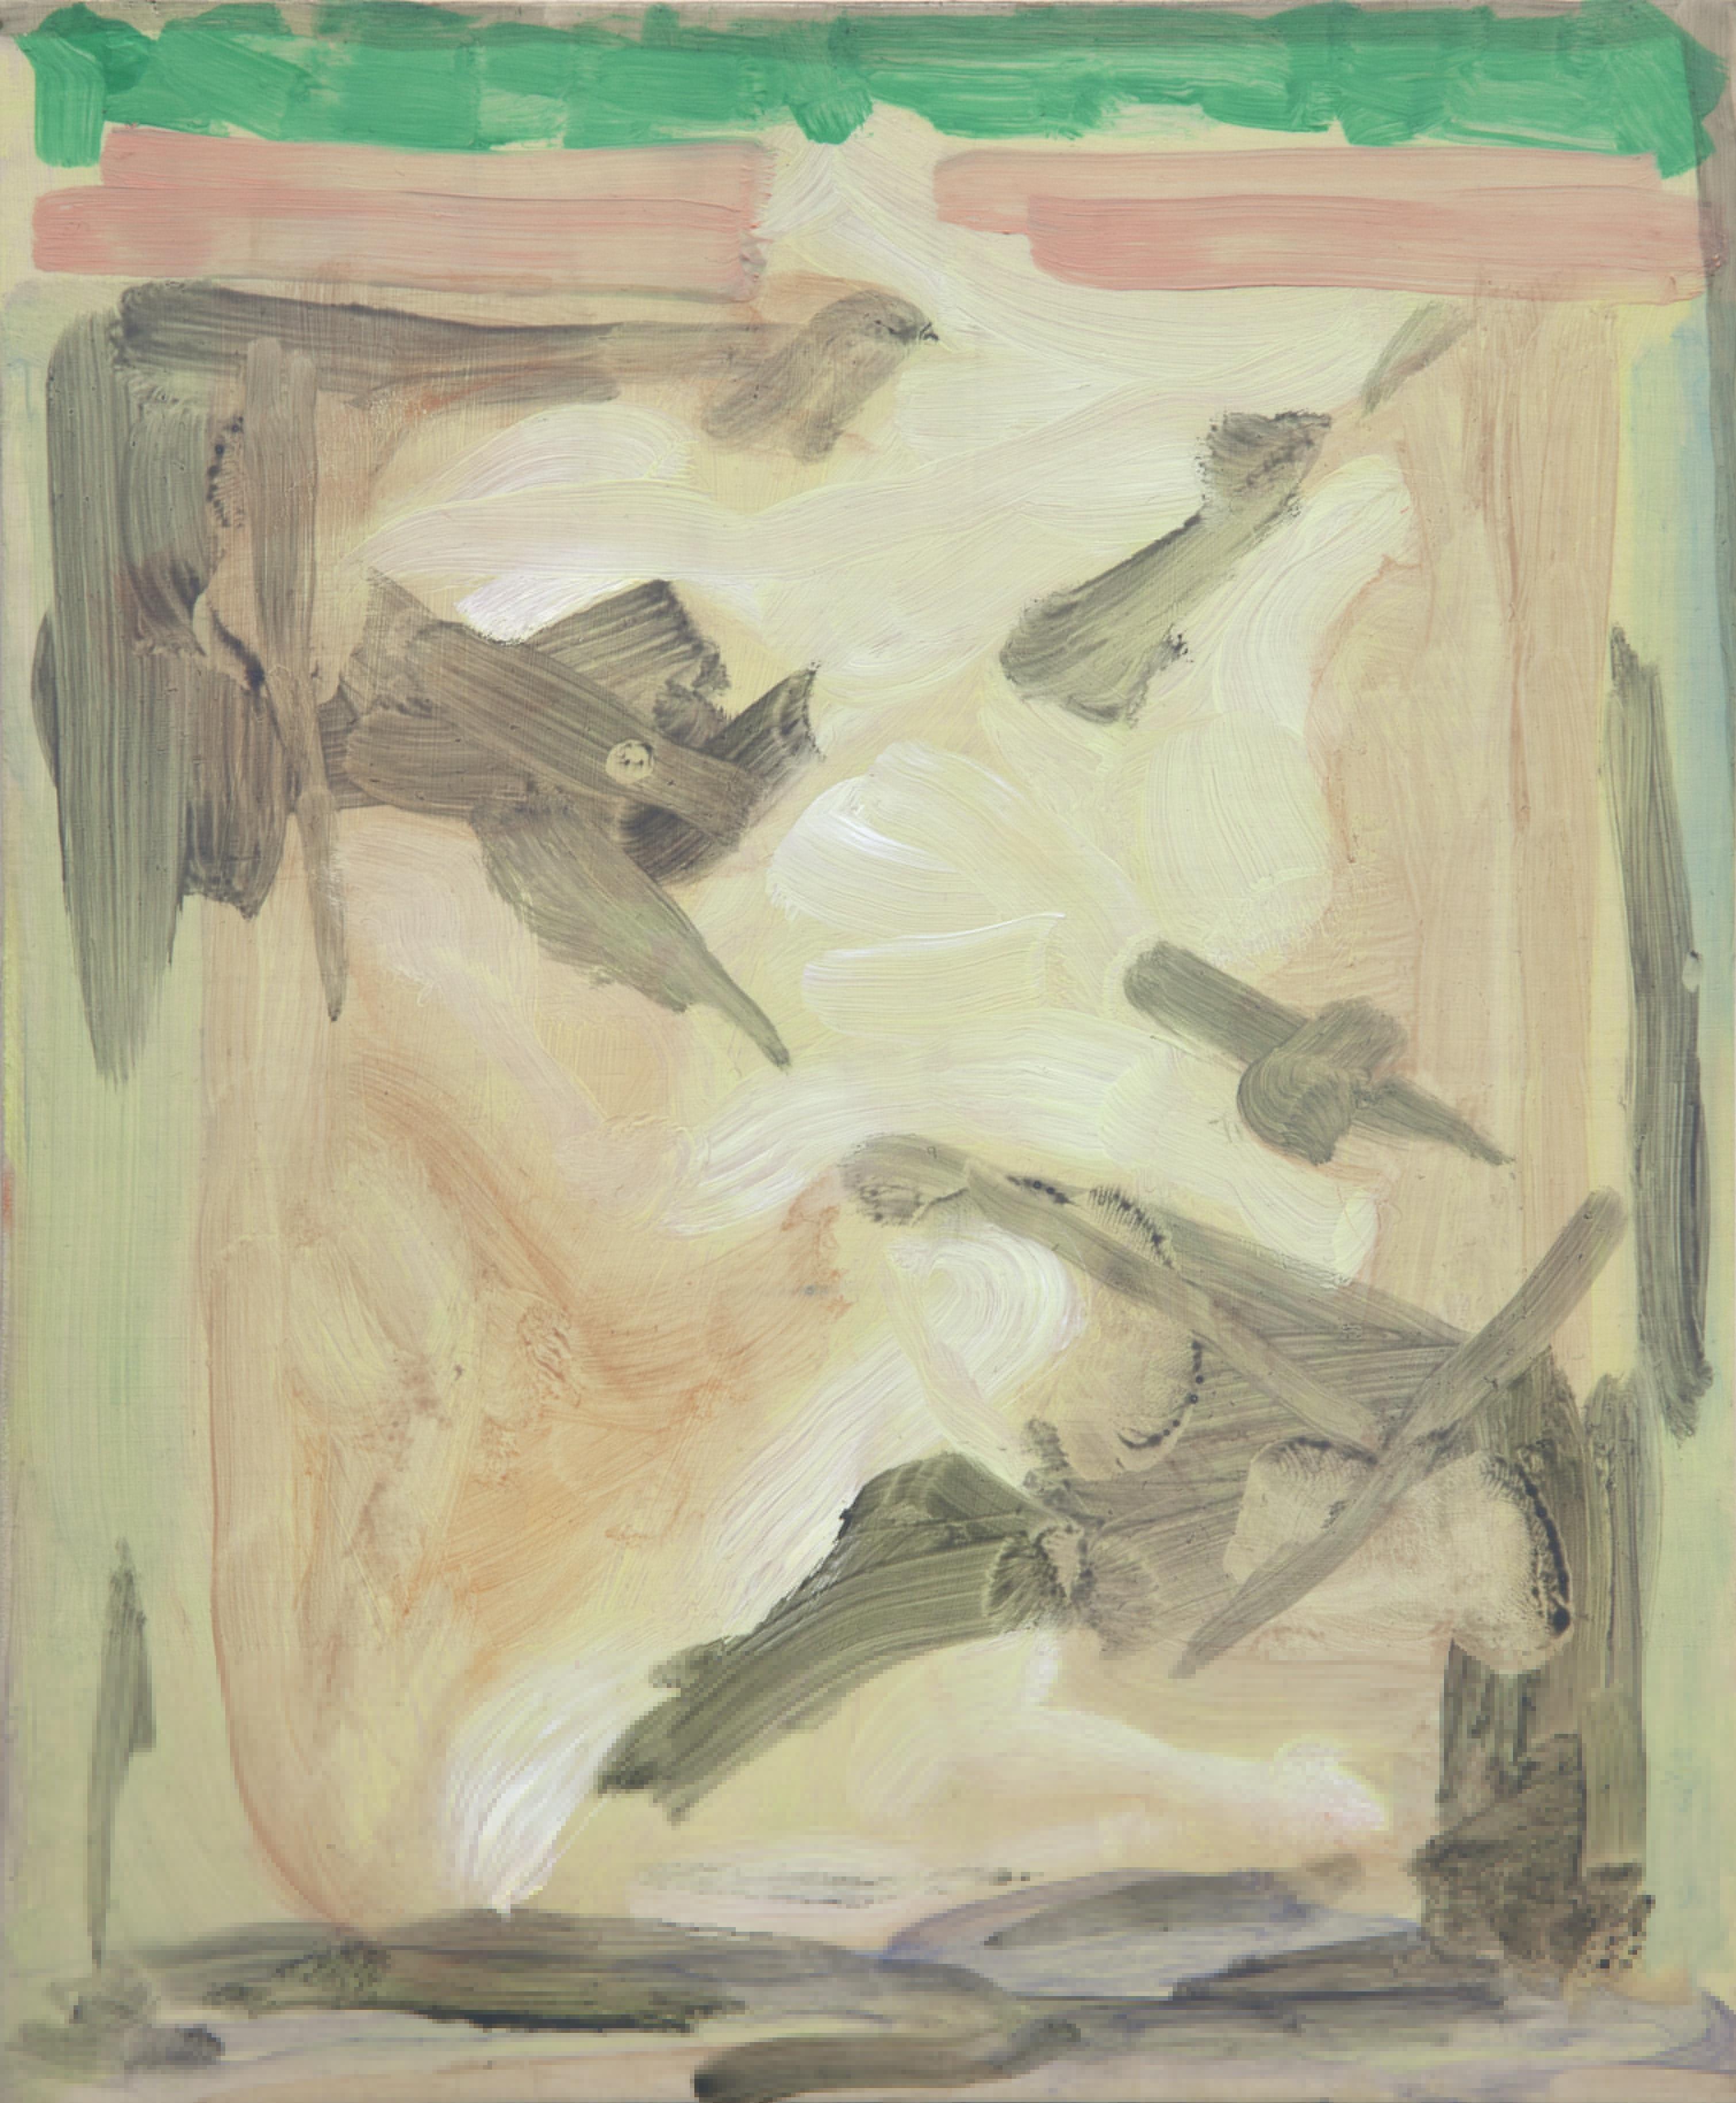 Gwennan Thomas, Untitled 2012, 18,5 x 22 cm, oil on plyboard_edTMP-1